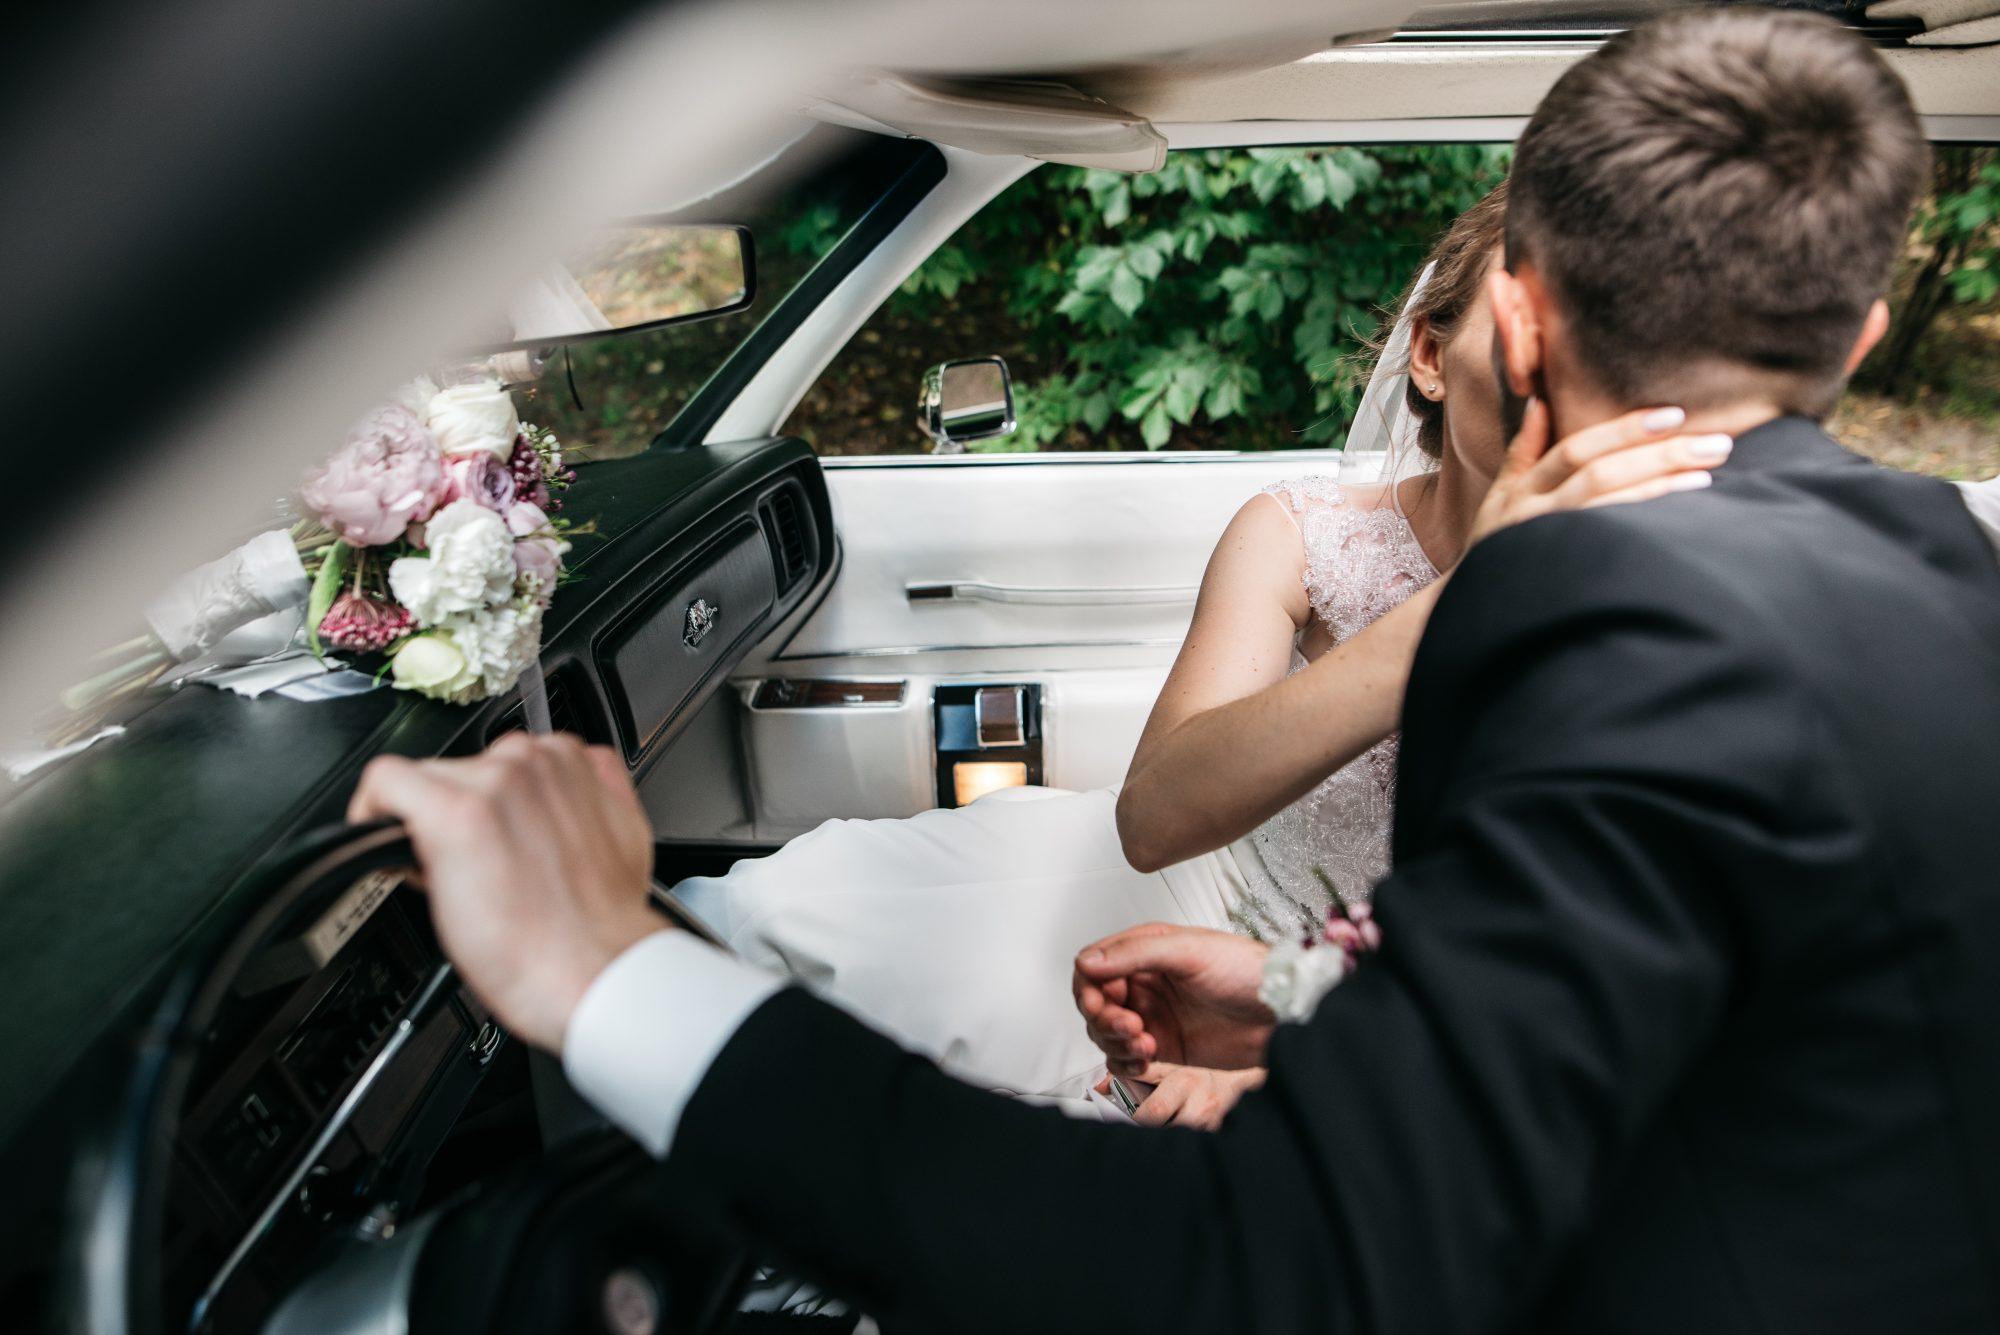 รถเช่างานแต่งงาน เชียงใหม่